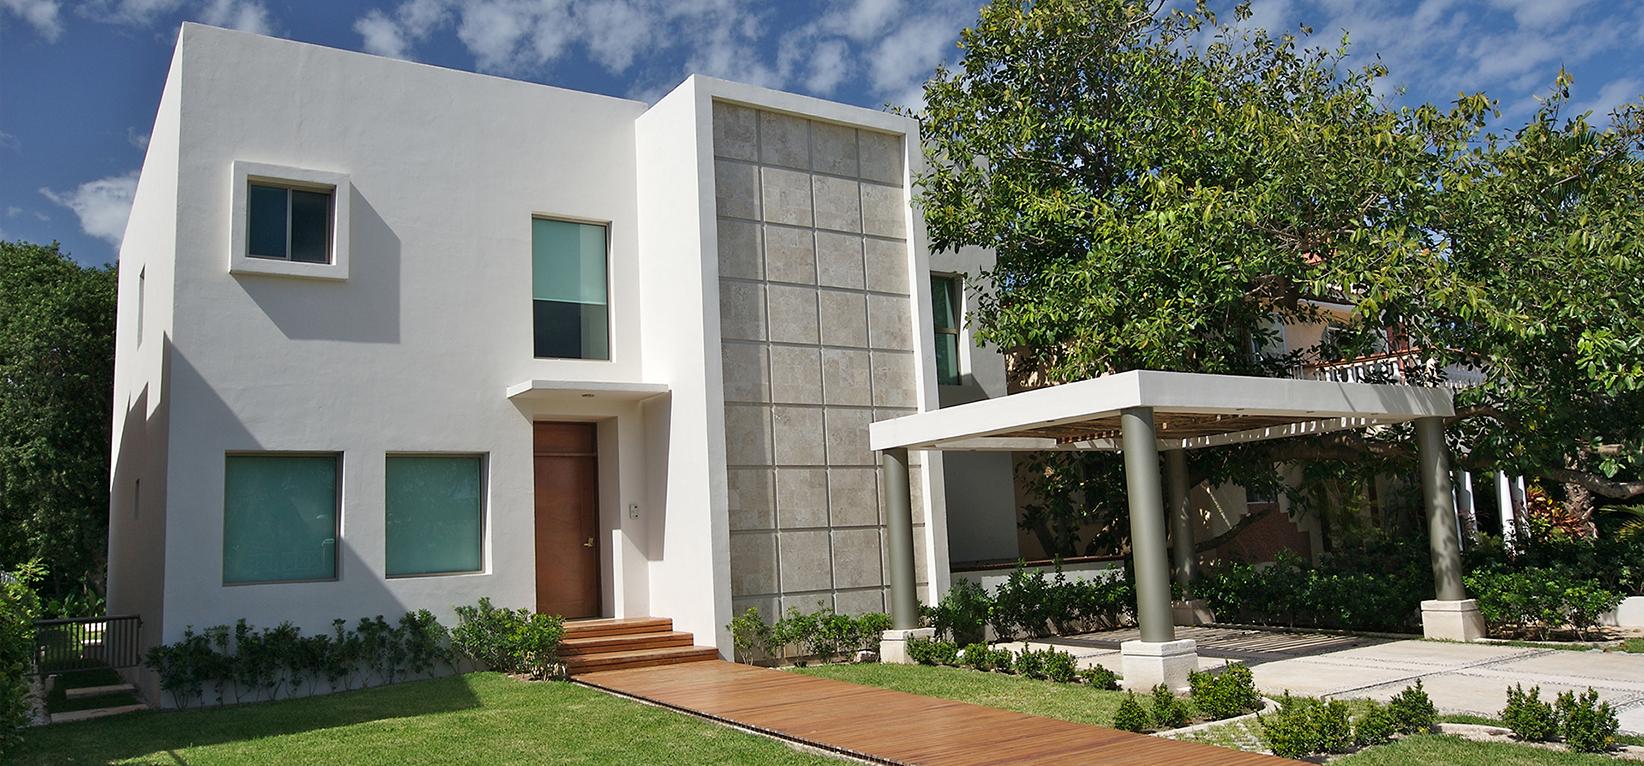 C mo resaltar la arquitectura exterior de tu casa revear for Exterior casas modernas